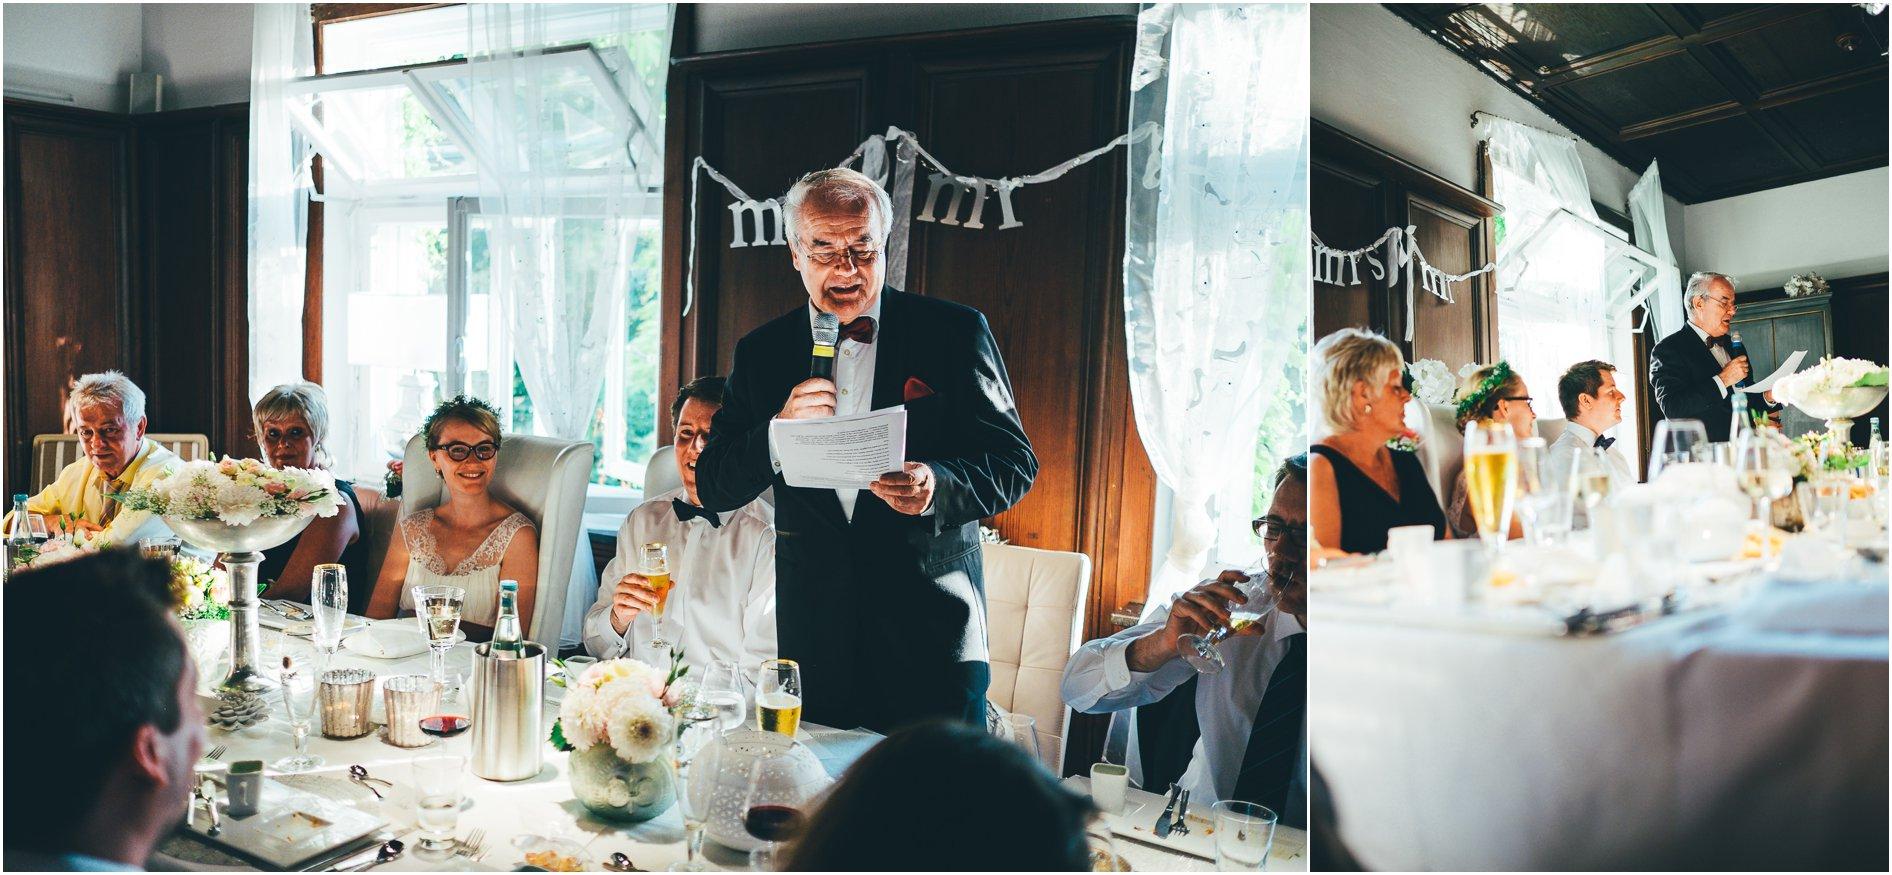 2014-10-13_0119 Jenny & Matthias - Hochzeitsfotograf auf Gut Bardenhagen